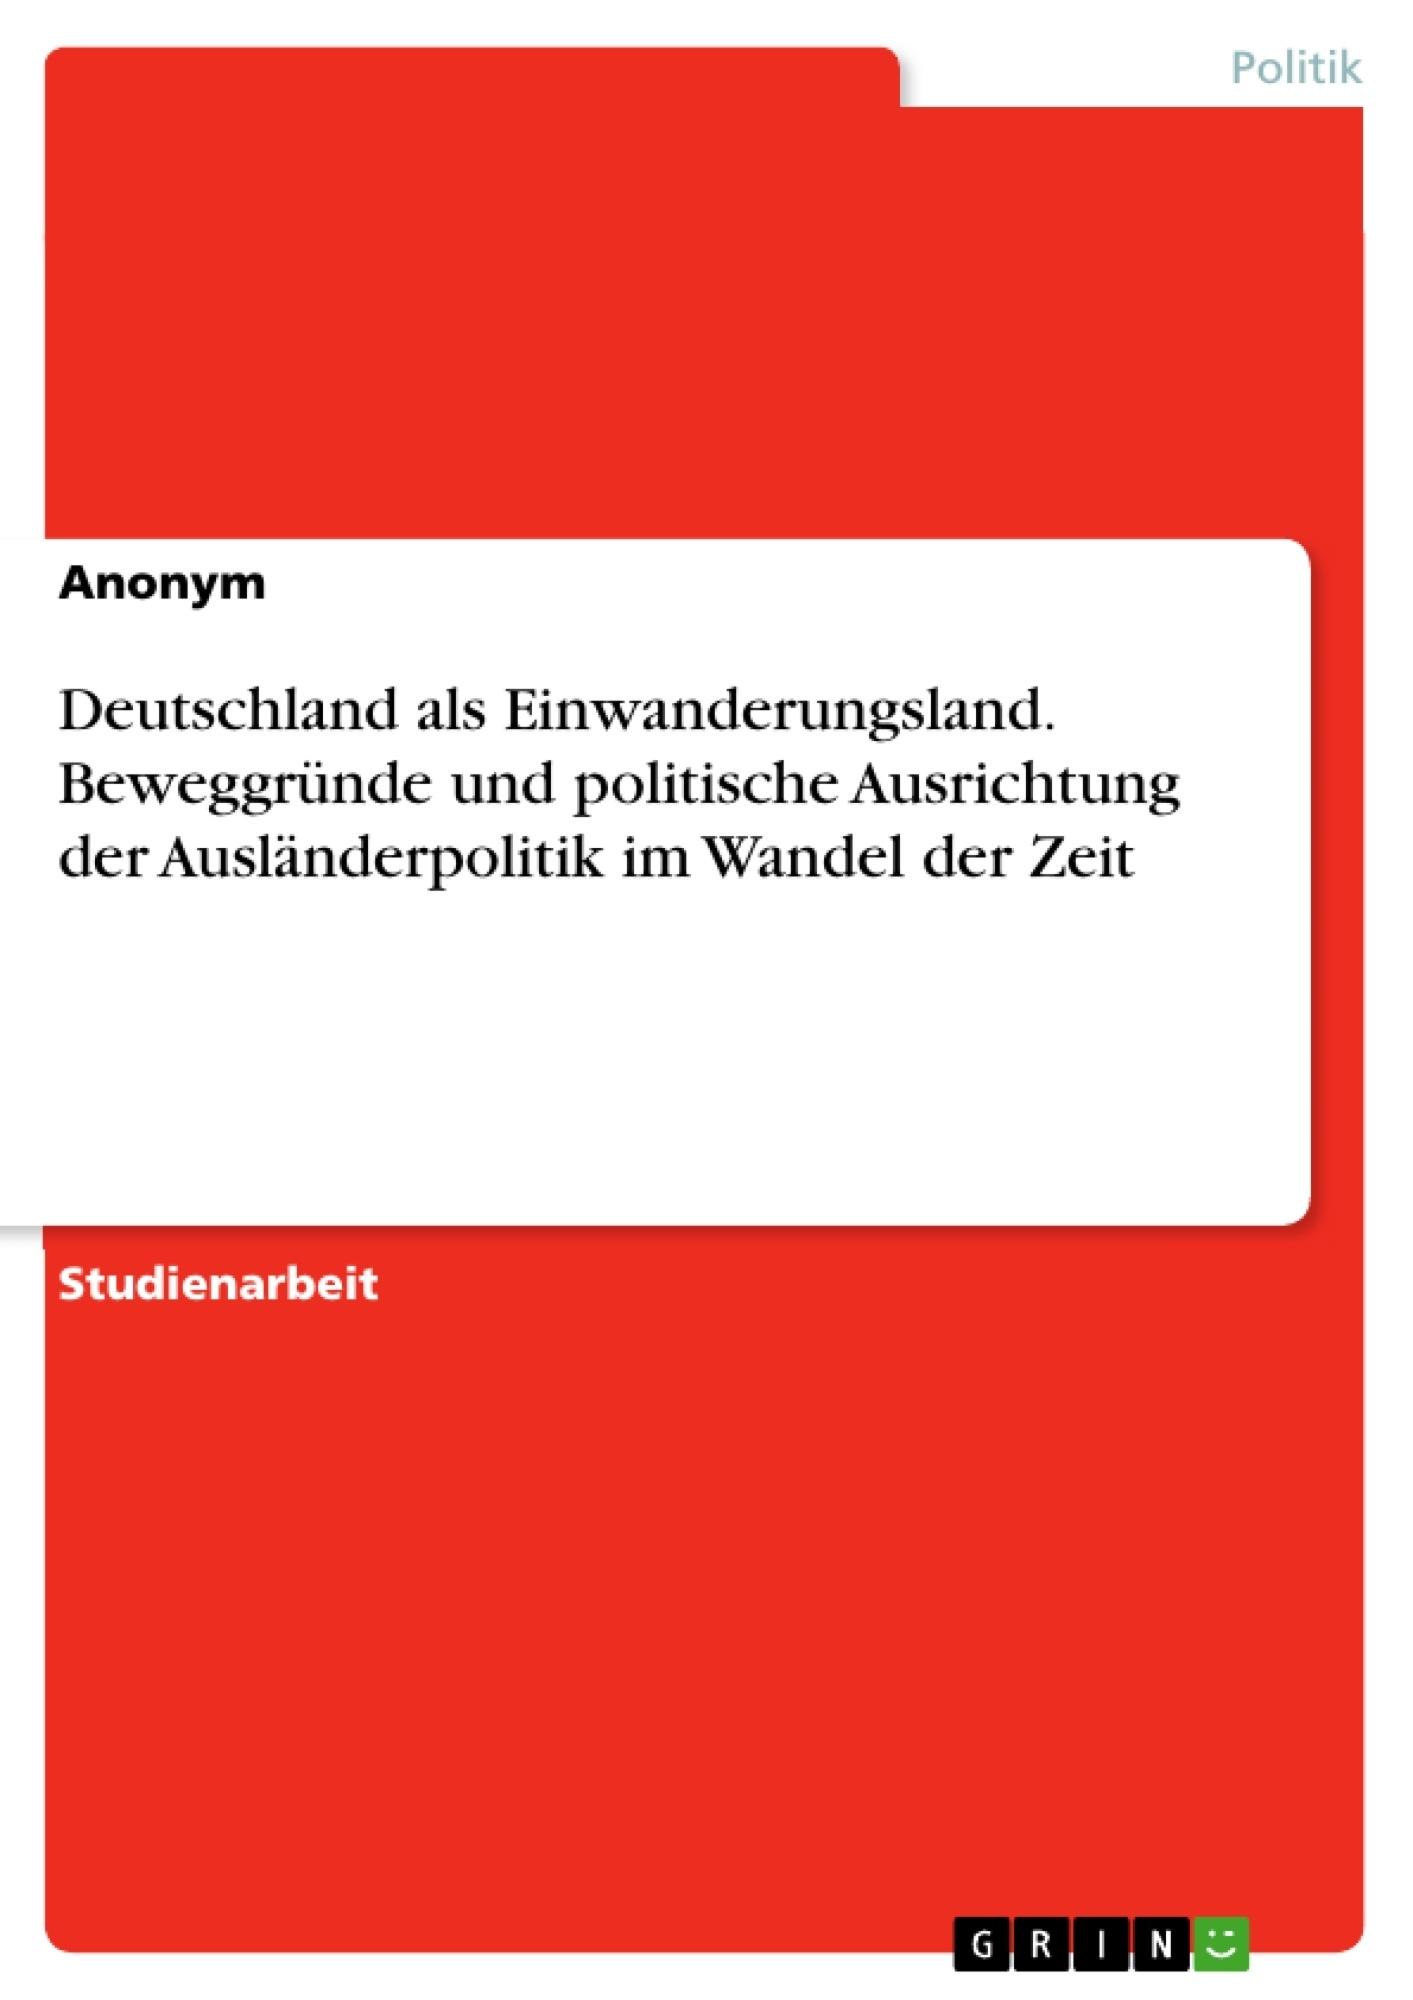 Titel: Deutschland als Einwanderungsland. Beweggründe und politische Ausrichtung der Ausländerpolitik im Wandel der Zeit